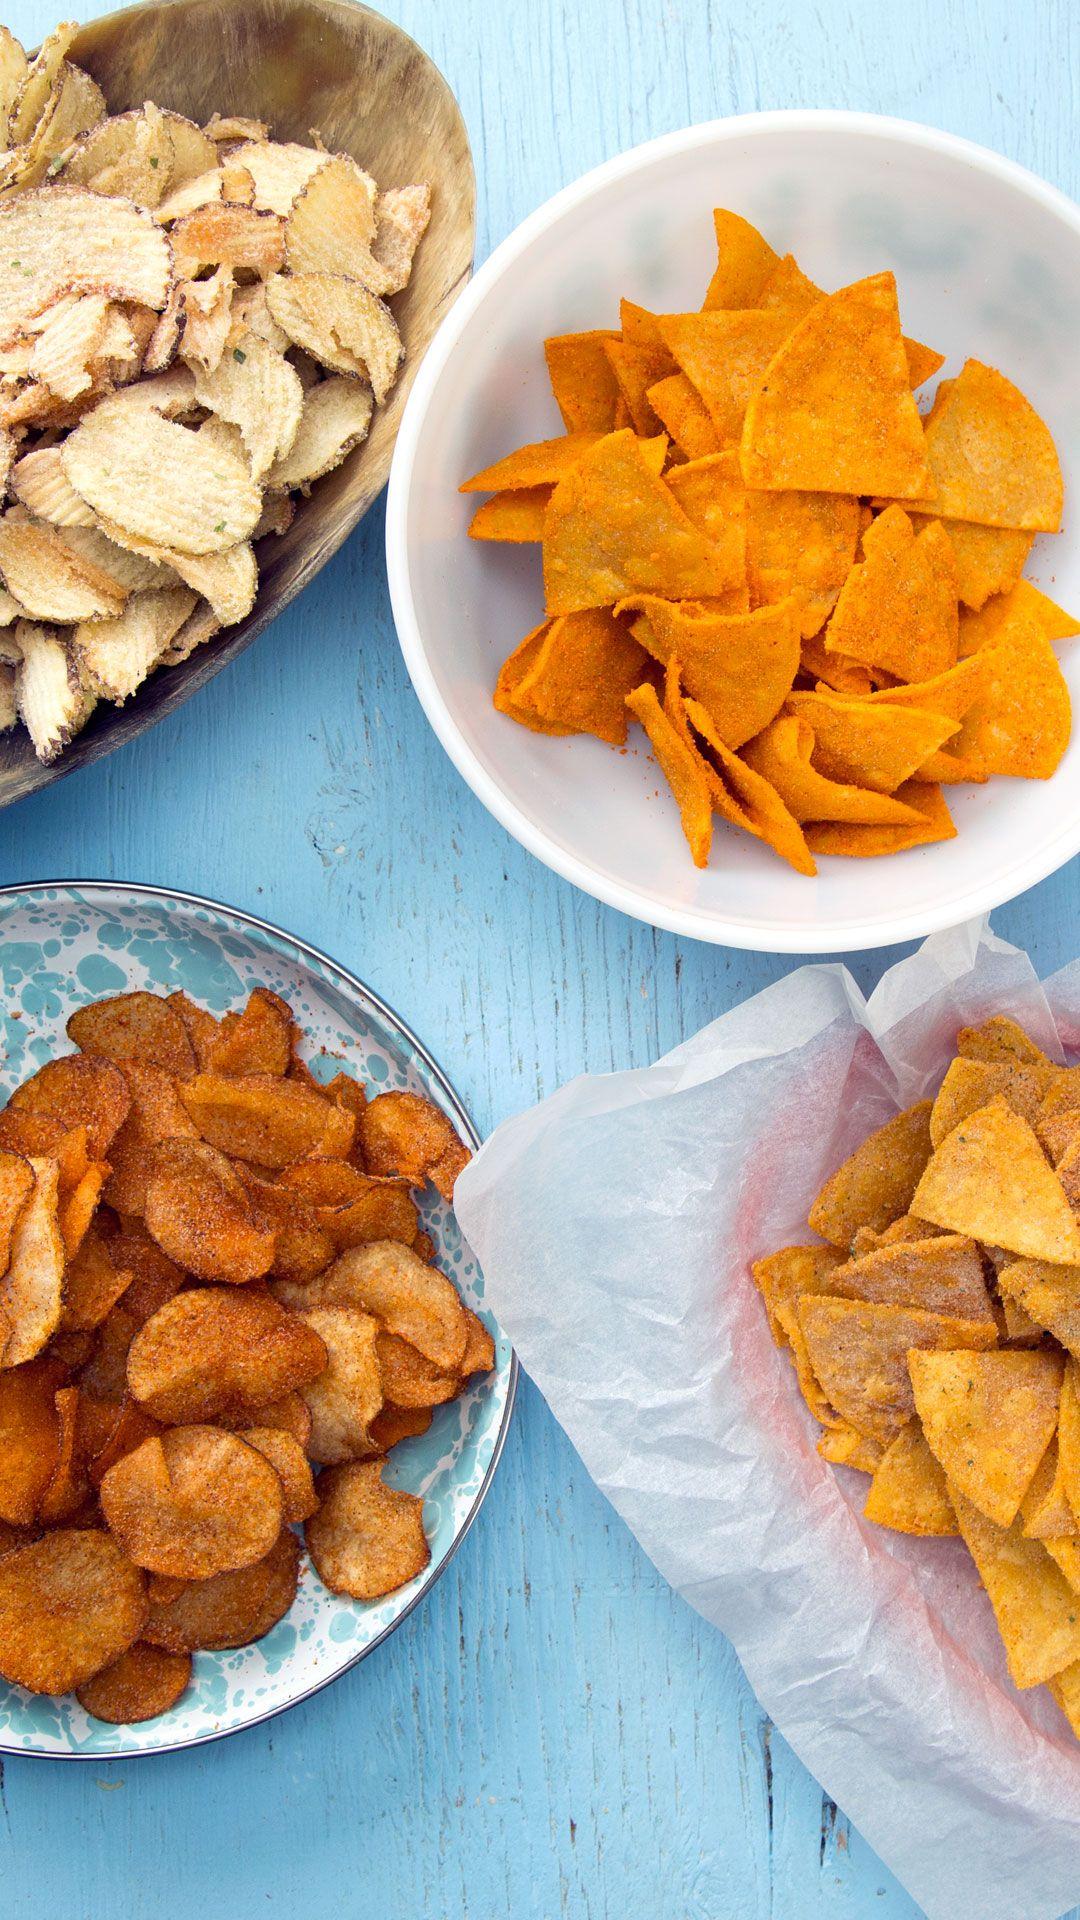 DIY Favorite Chips 4 ways